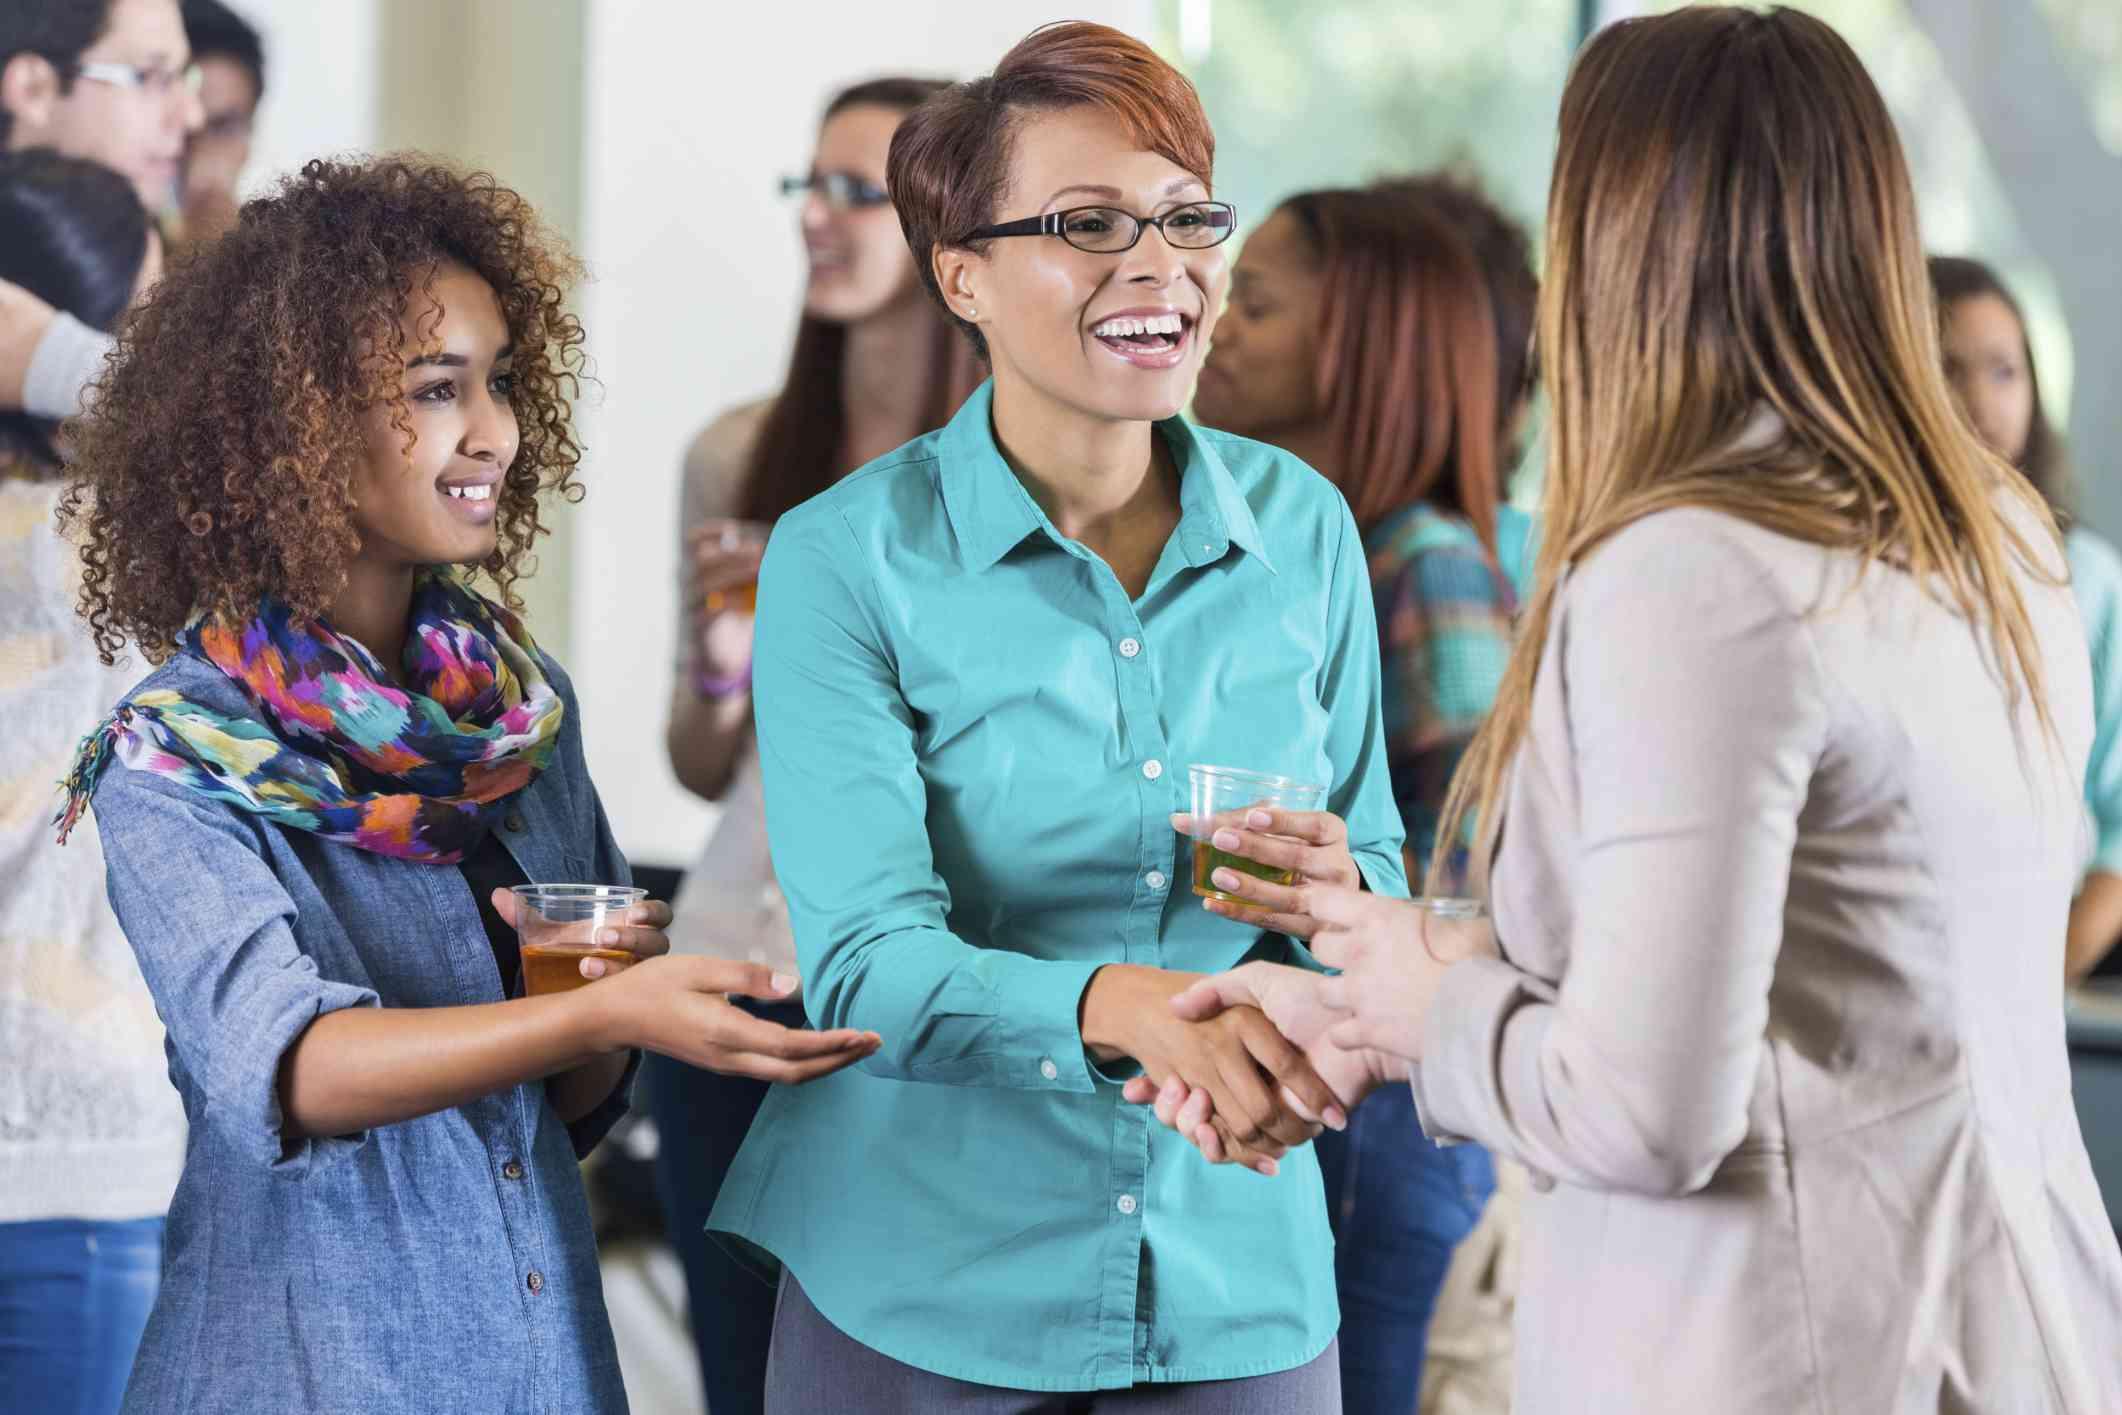 Meet parents at a school event